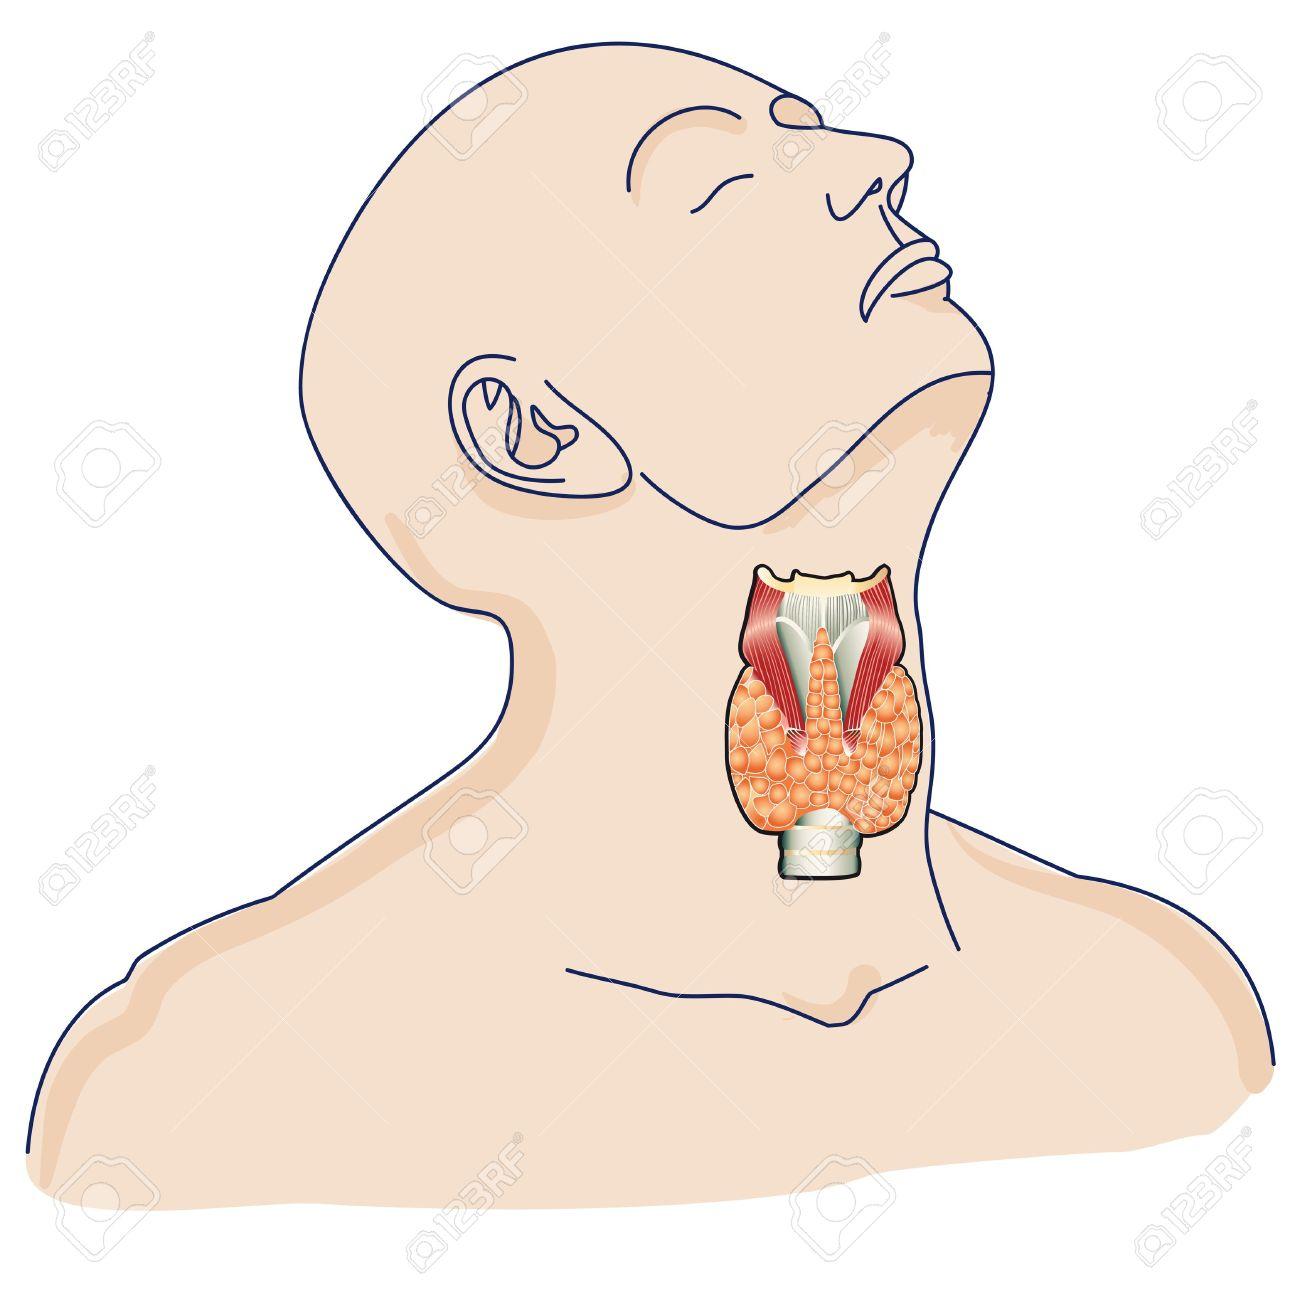 Groß Lage Des Thymusdrüse Bilder - Anatomie Und Physiologie Knochen ...